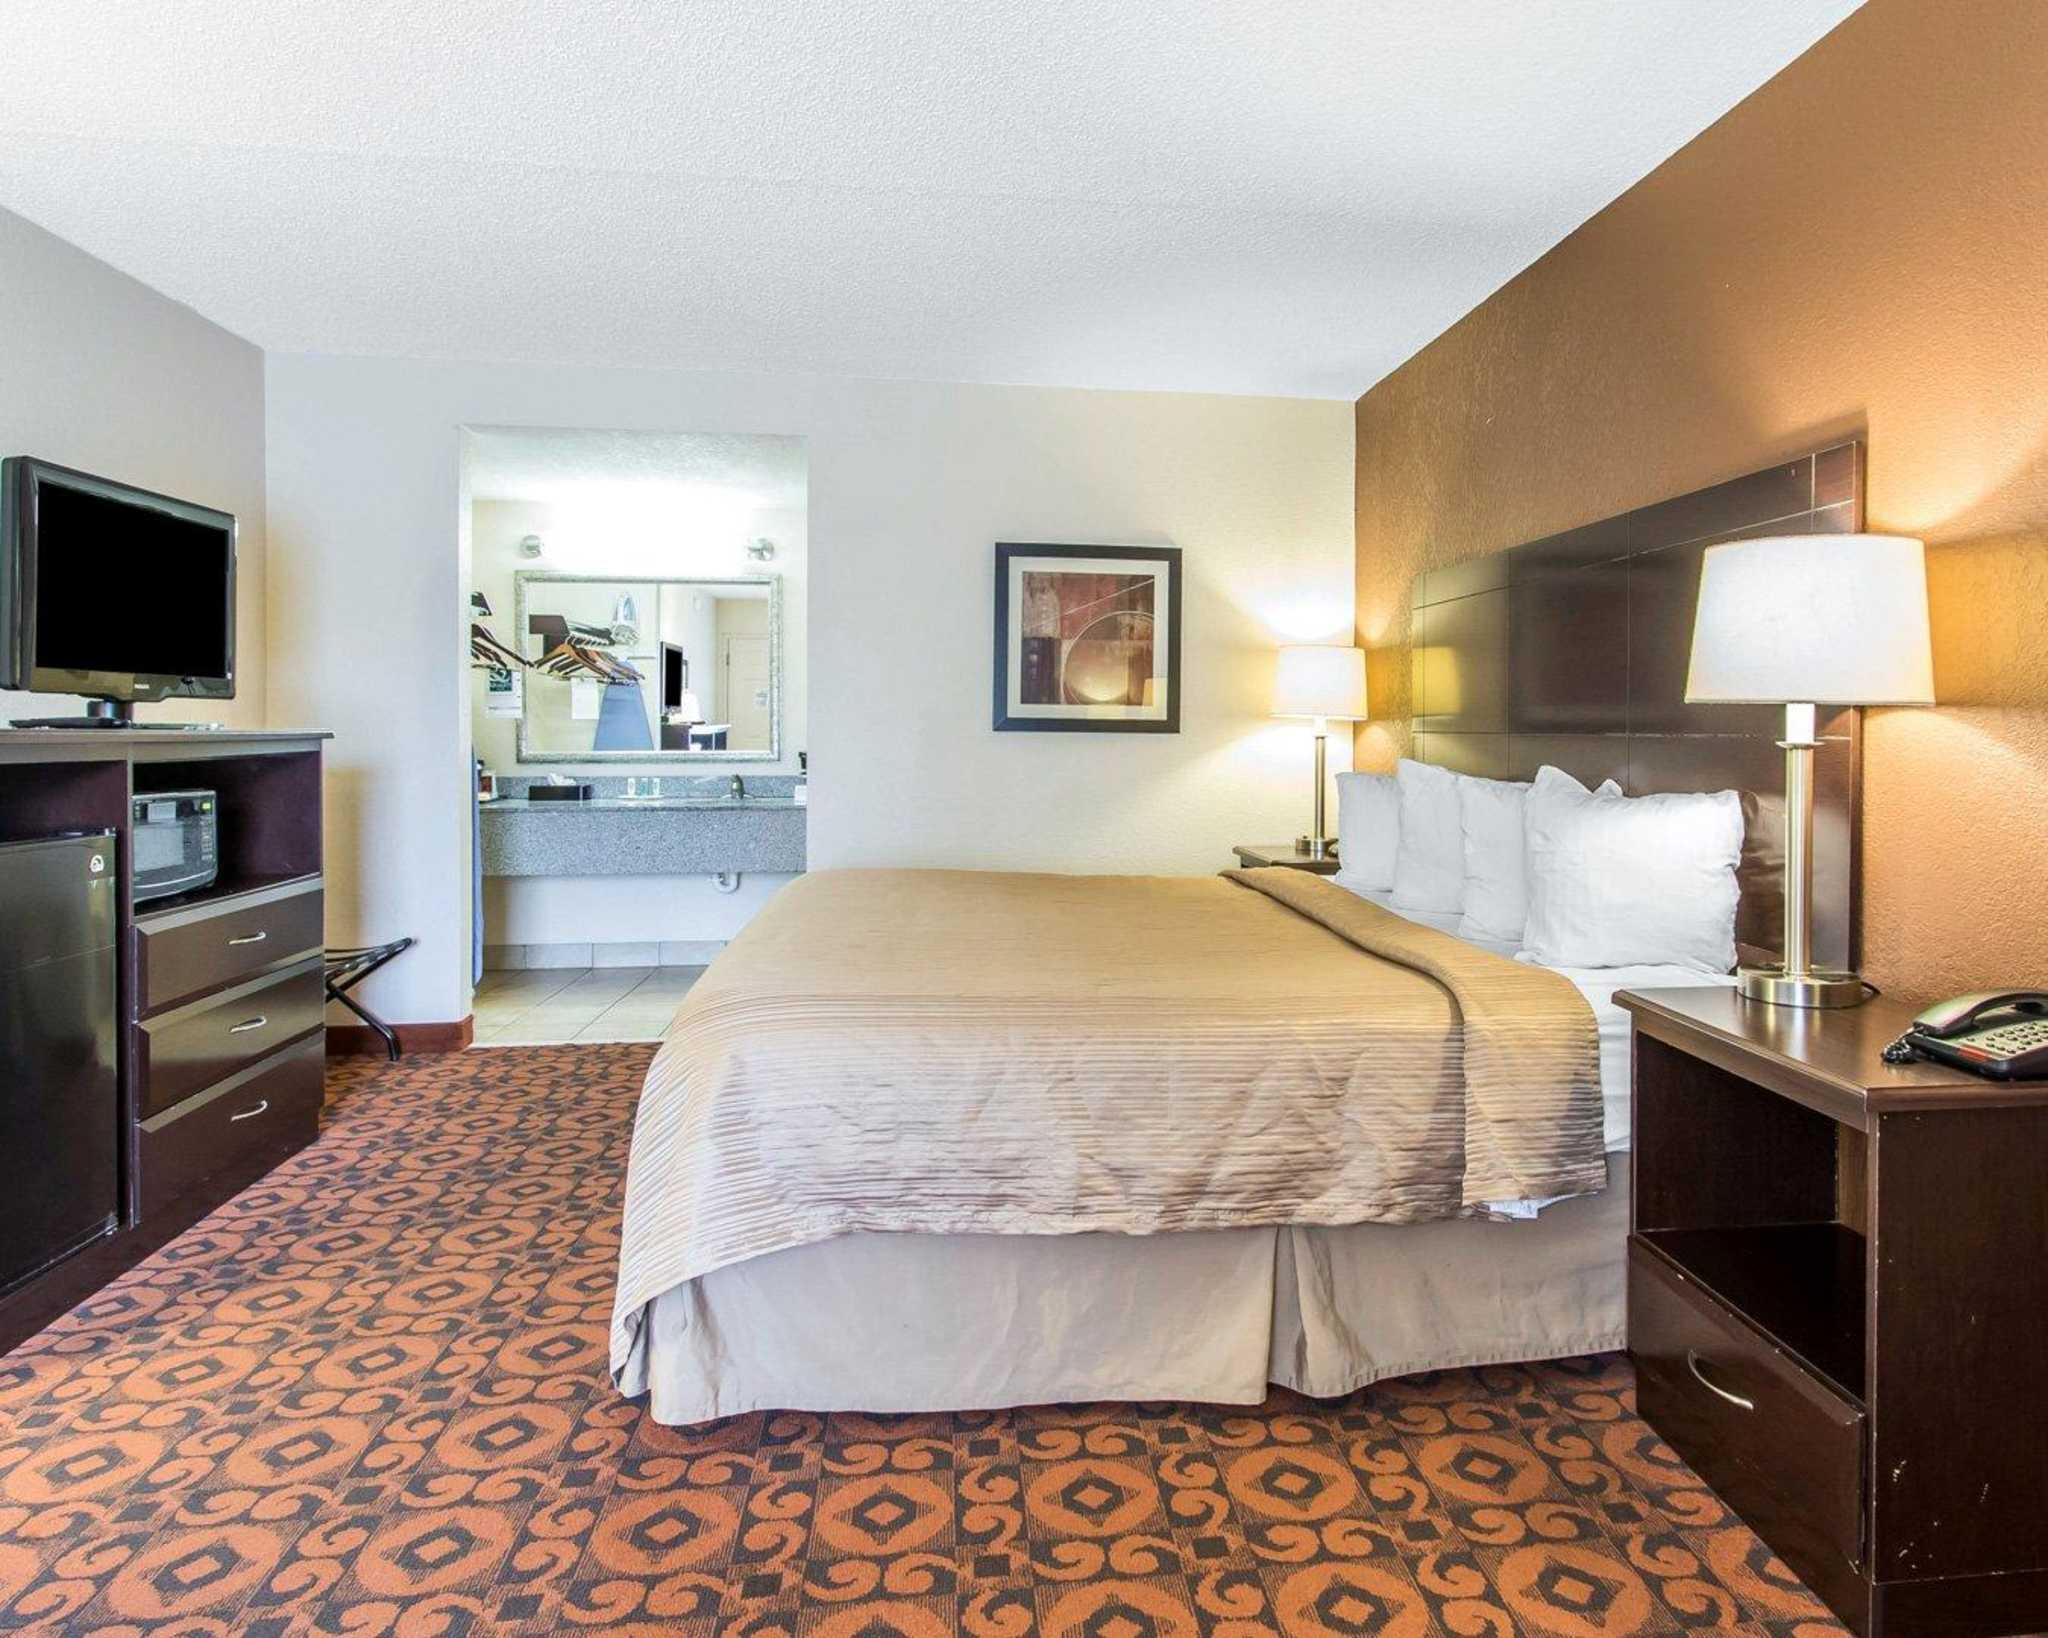 Quality Inn & Suites Fairgrounds West image 4